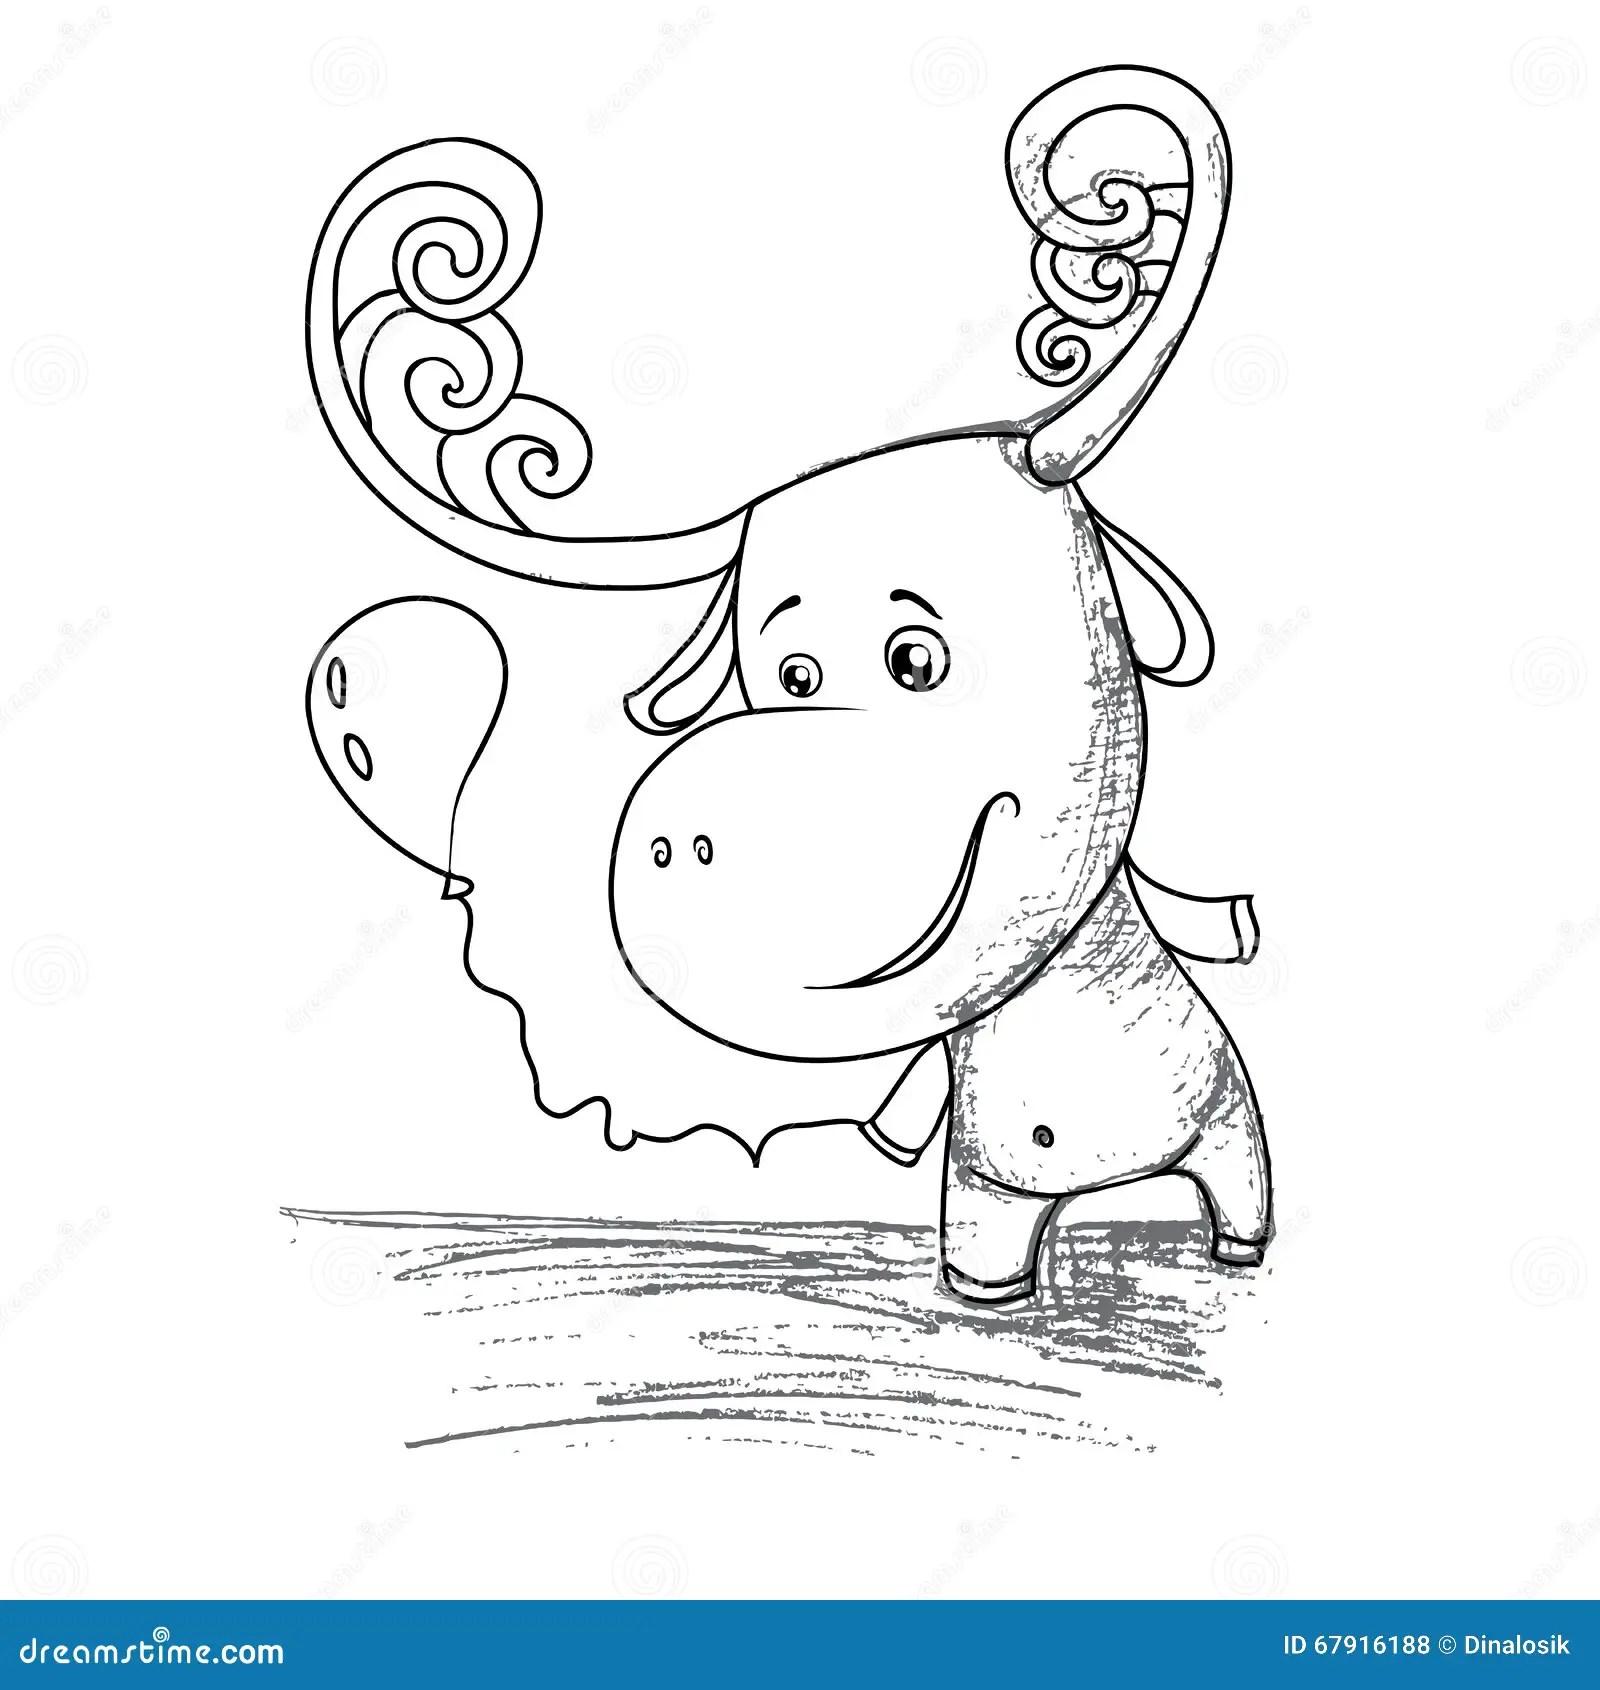 Funny Cartoon Moose